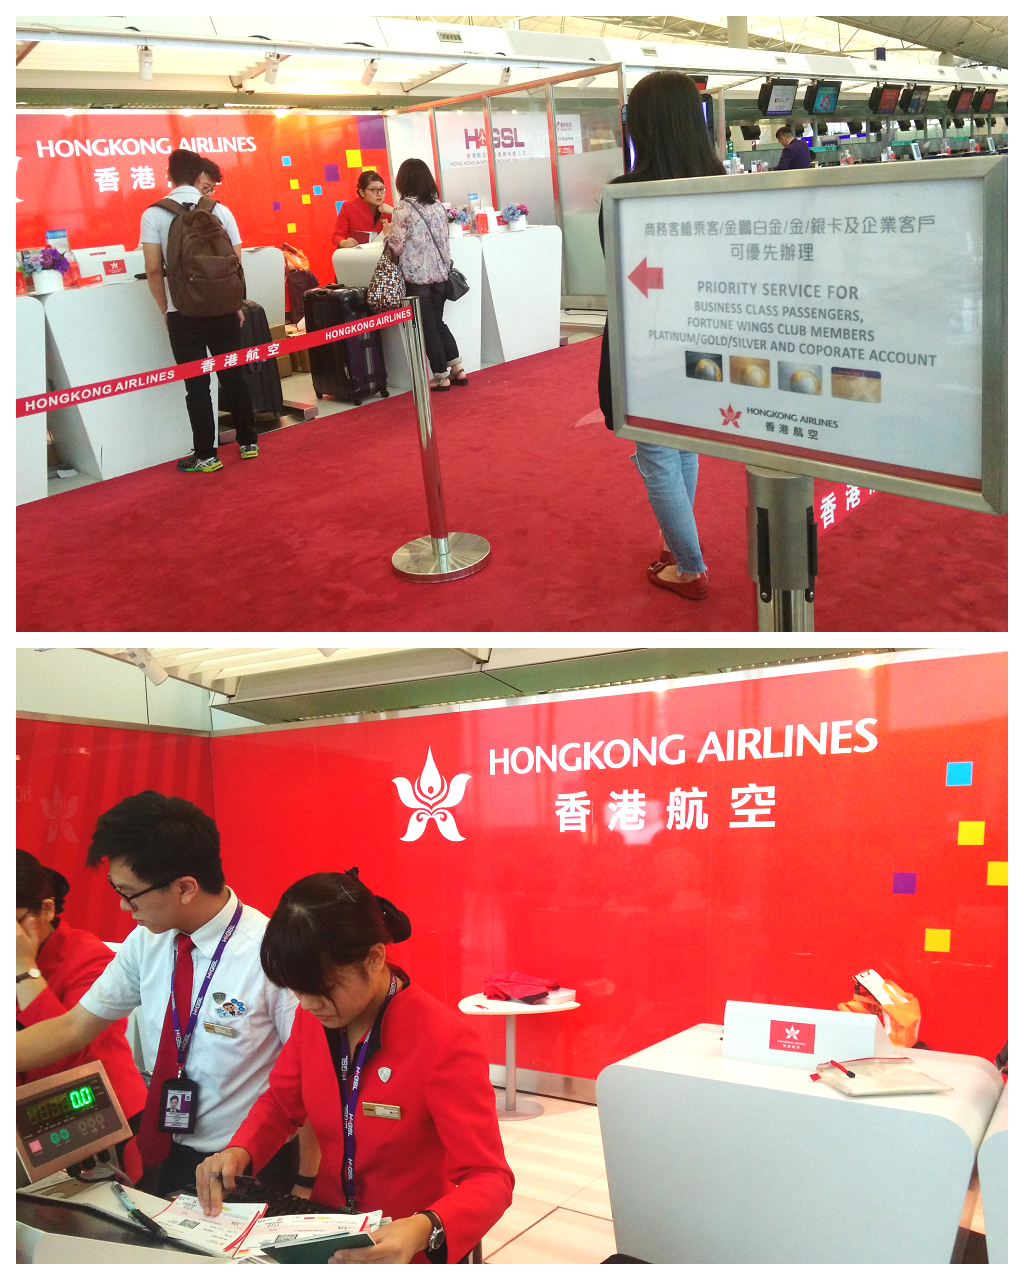 黑老闆說︱香港航空商務艙登機劃位櫃台,很喜氣,提前報到也沒問題,直接進貴賓室休閒。